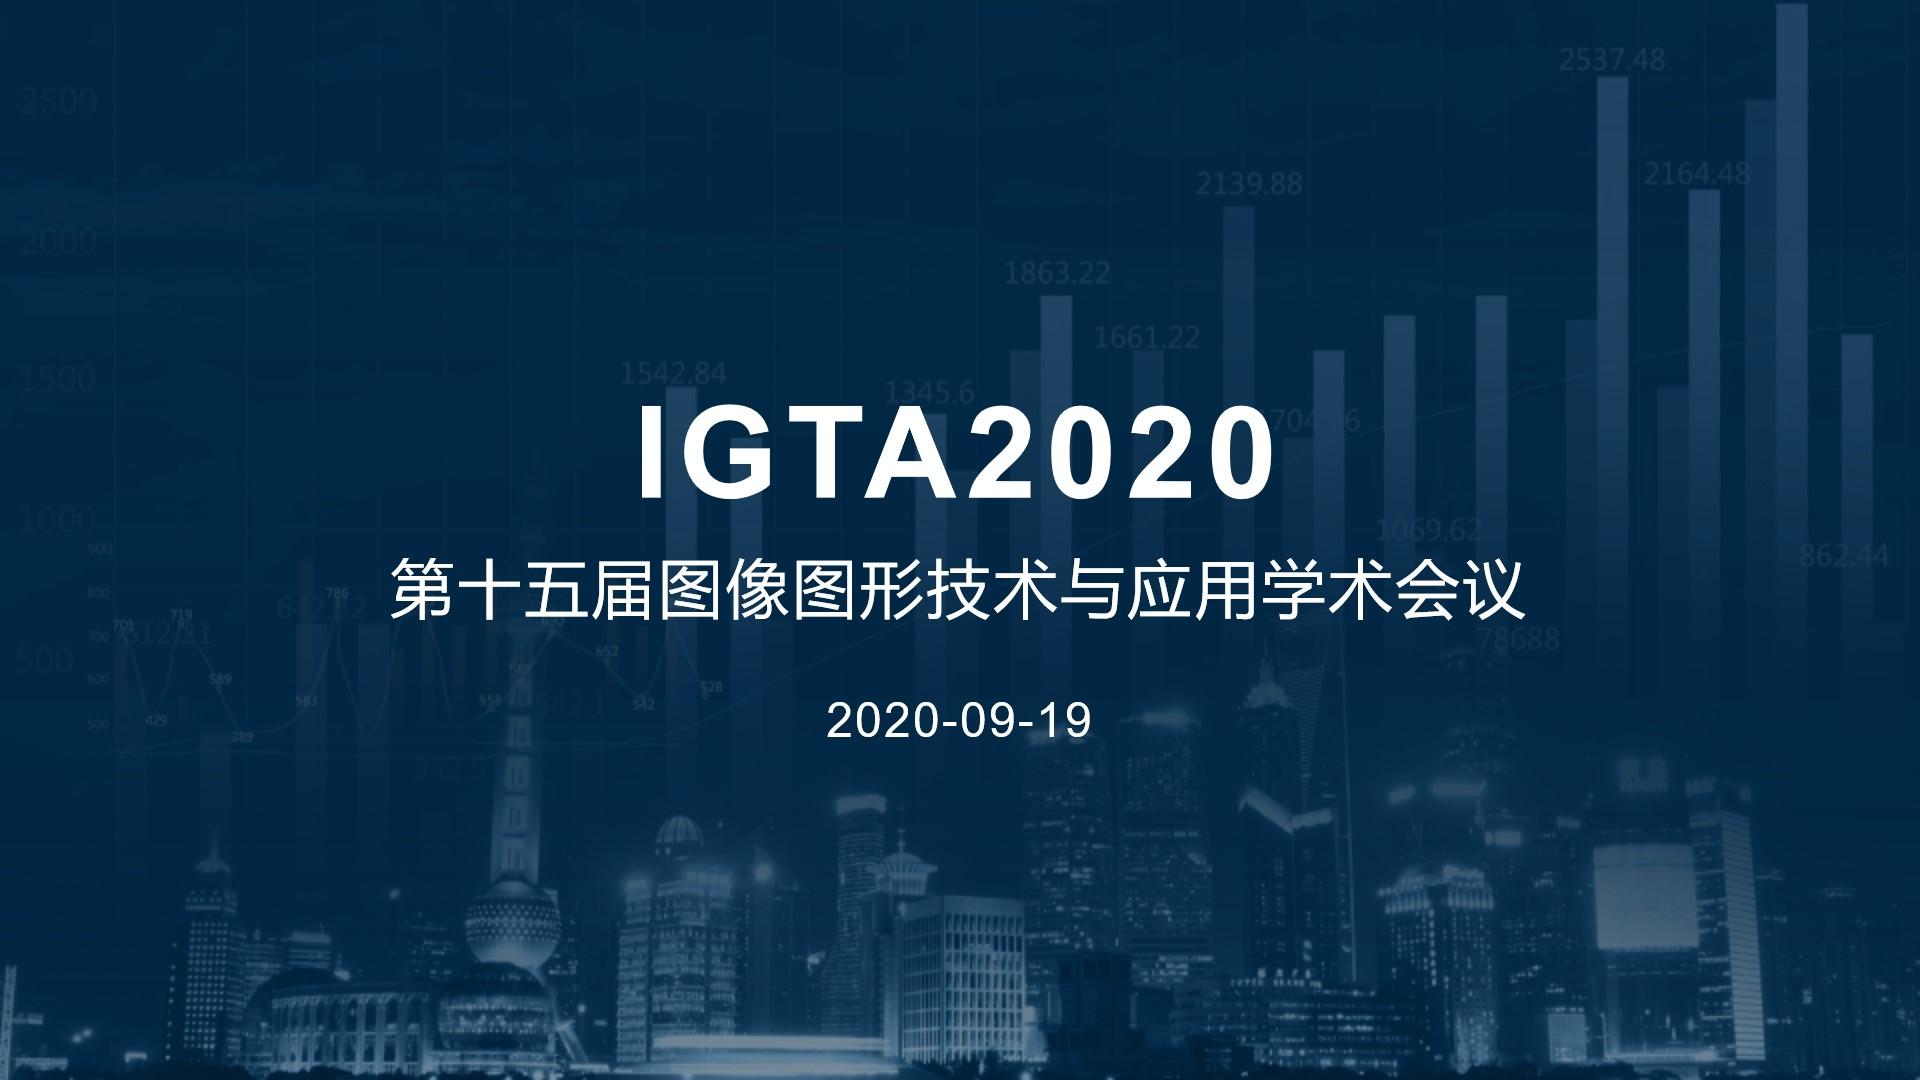 第十五届图像图形技术与应用学术会议(IGTA2020)将于9月19日线上举行